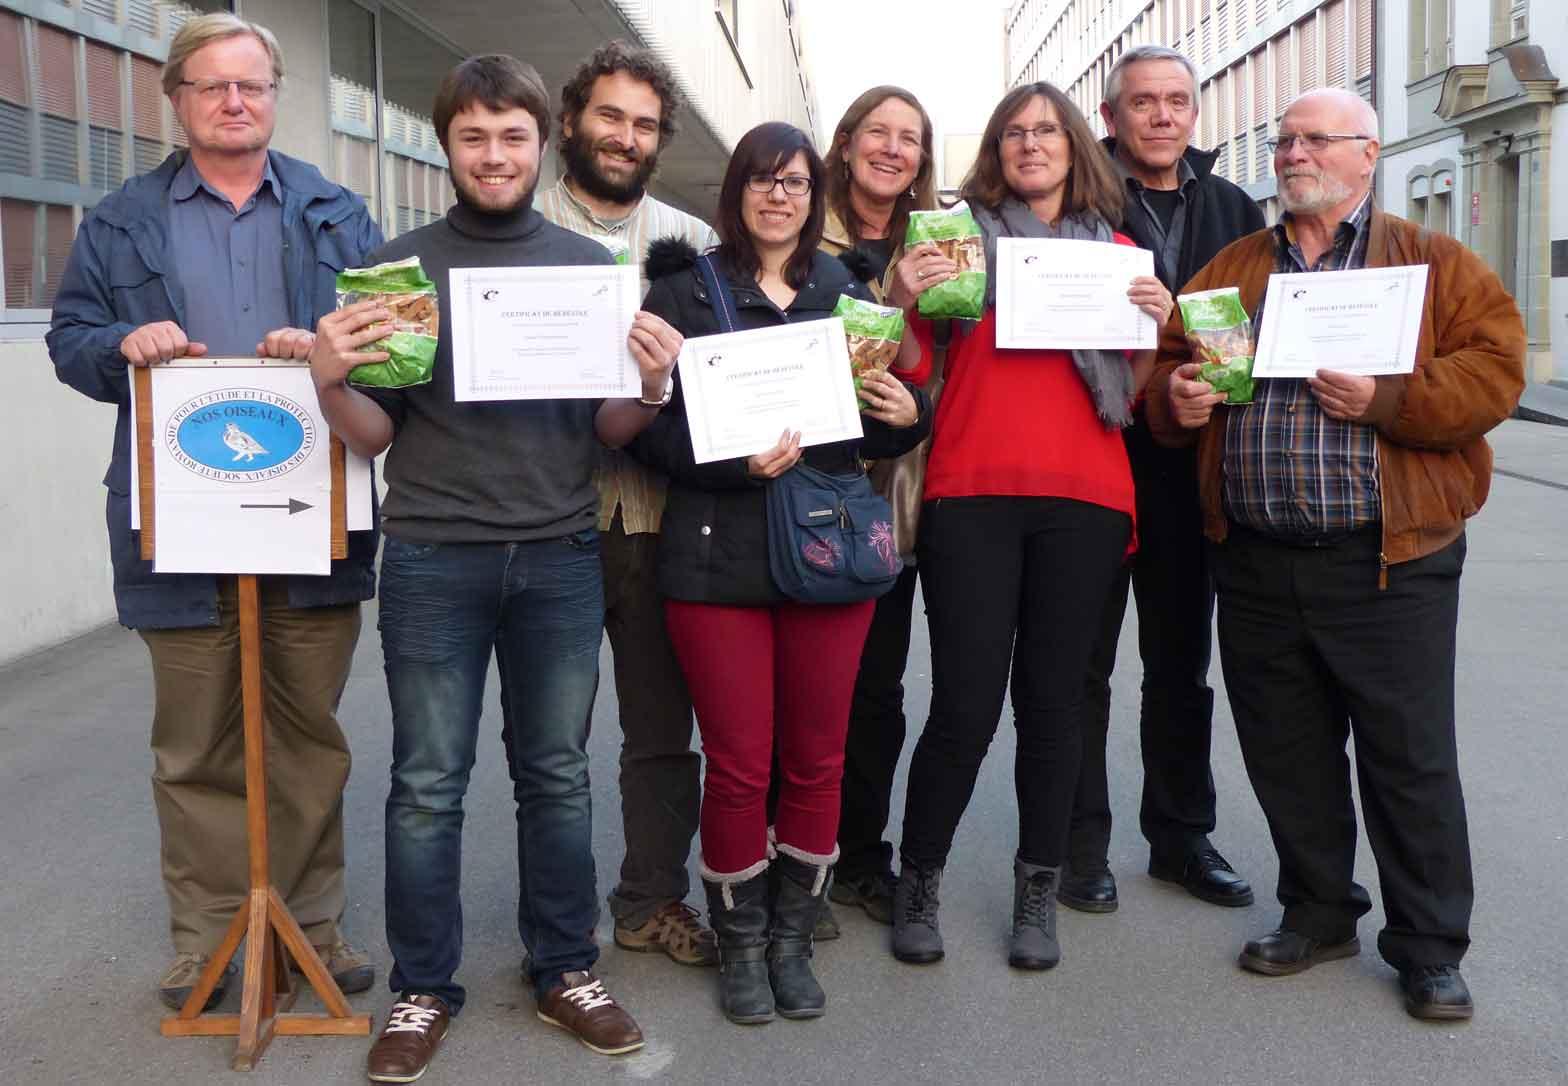 Equipe Projet Balbuzard à l'Assemblé générale de Nos OIseaux